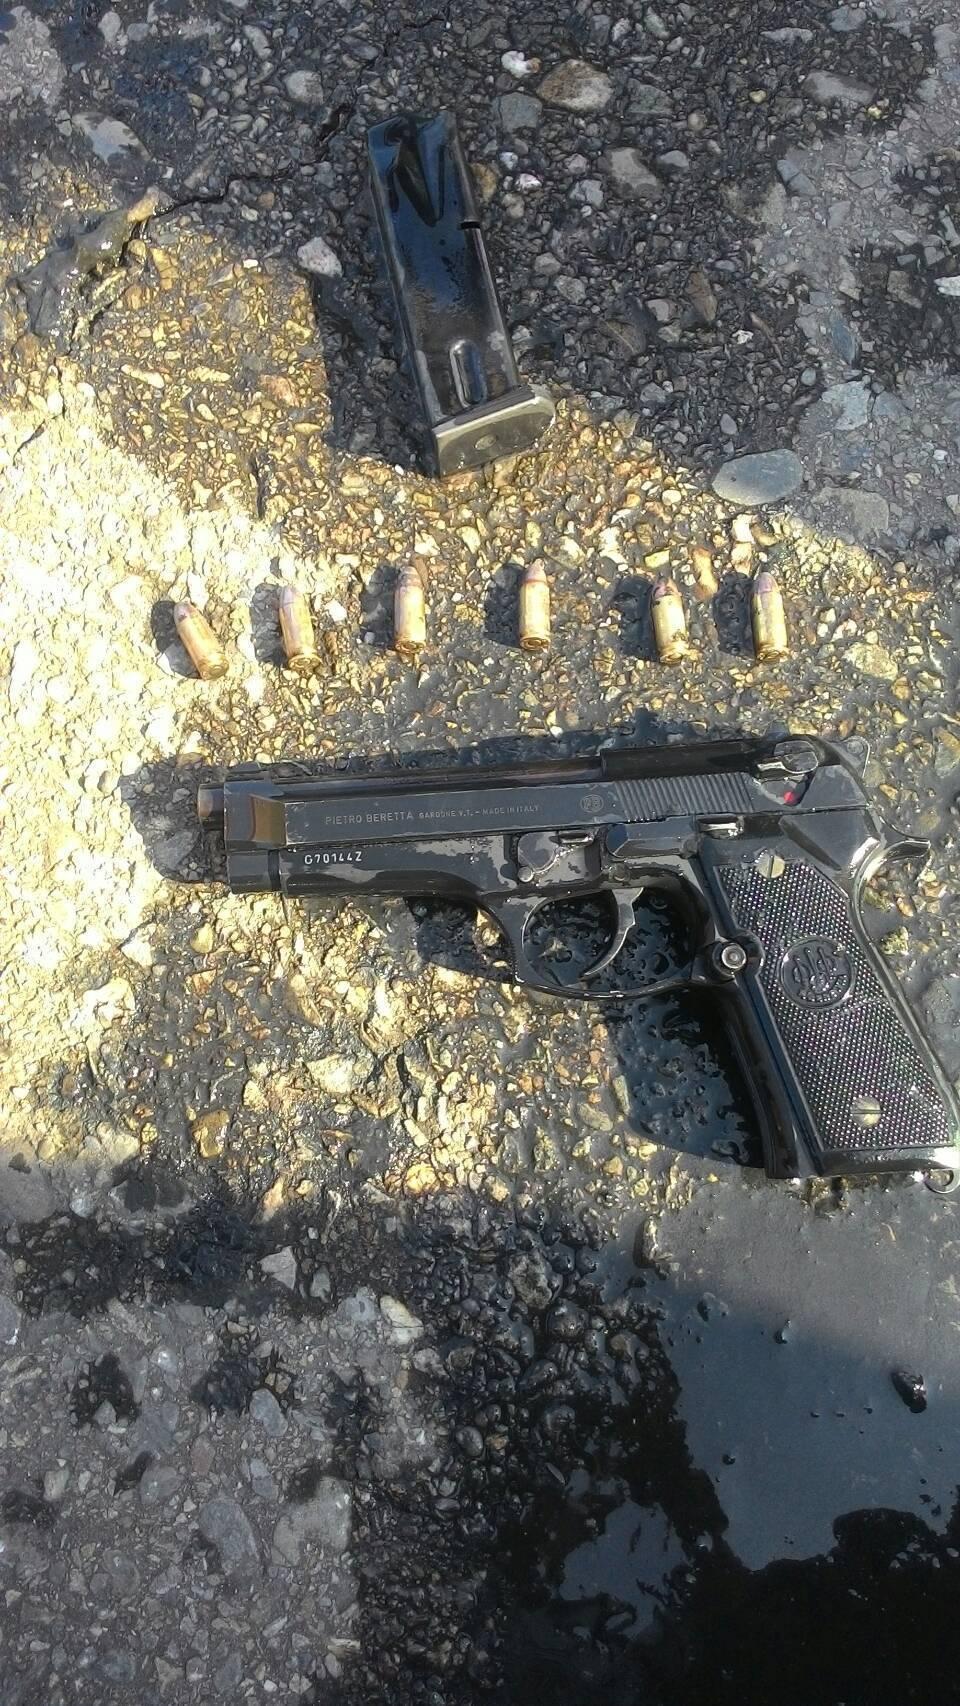 警方費了九牛二虎之力抽乾了溪流大排,終能起出作案用手槍。圖/虎尾分局提供